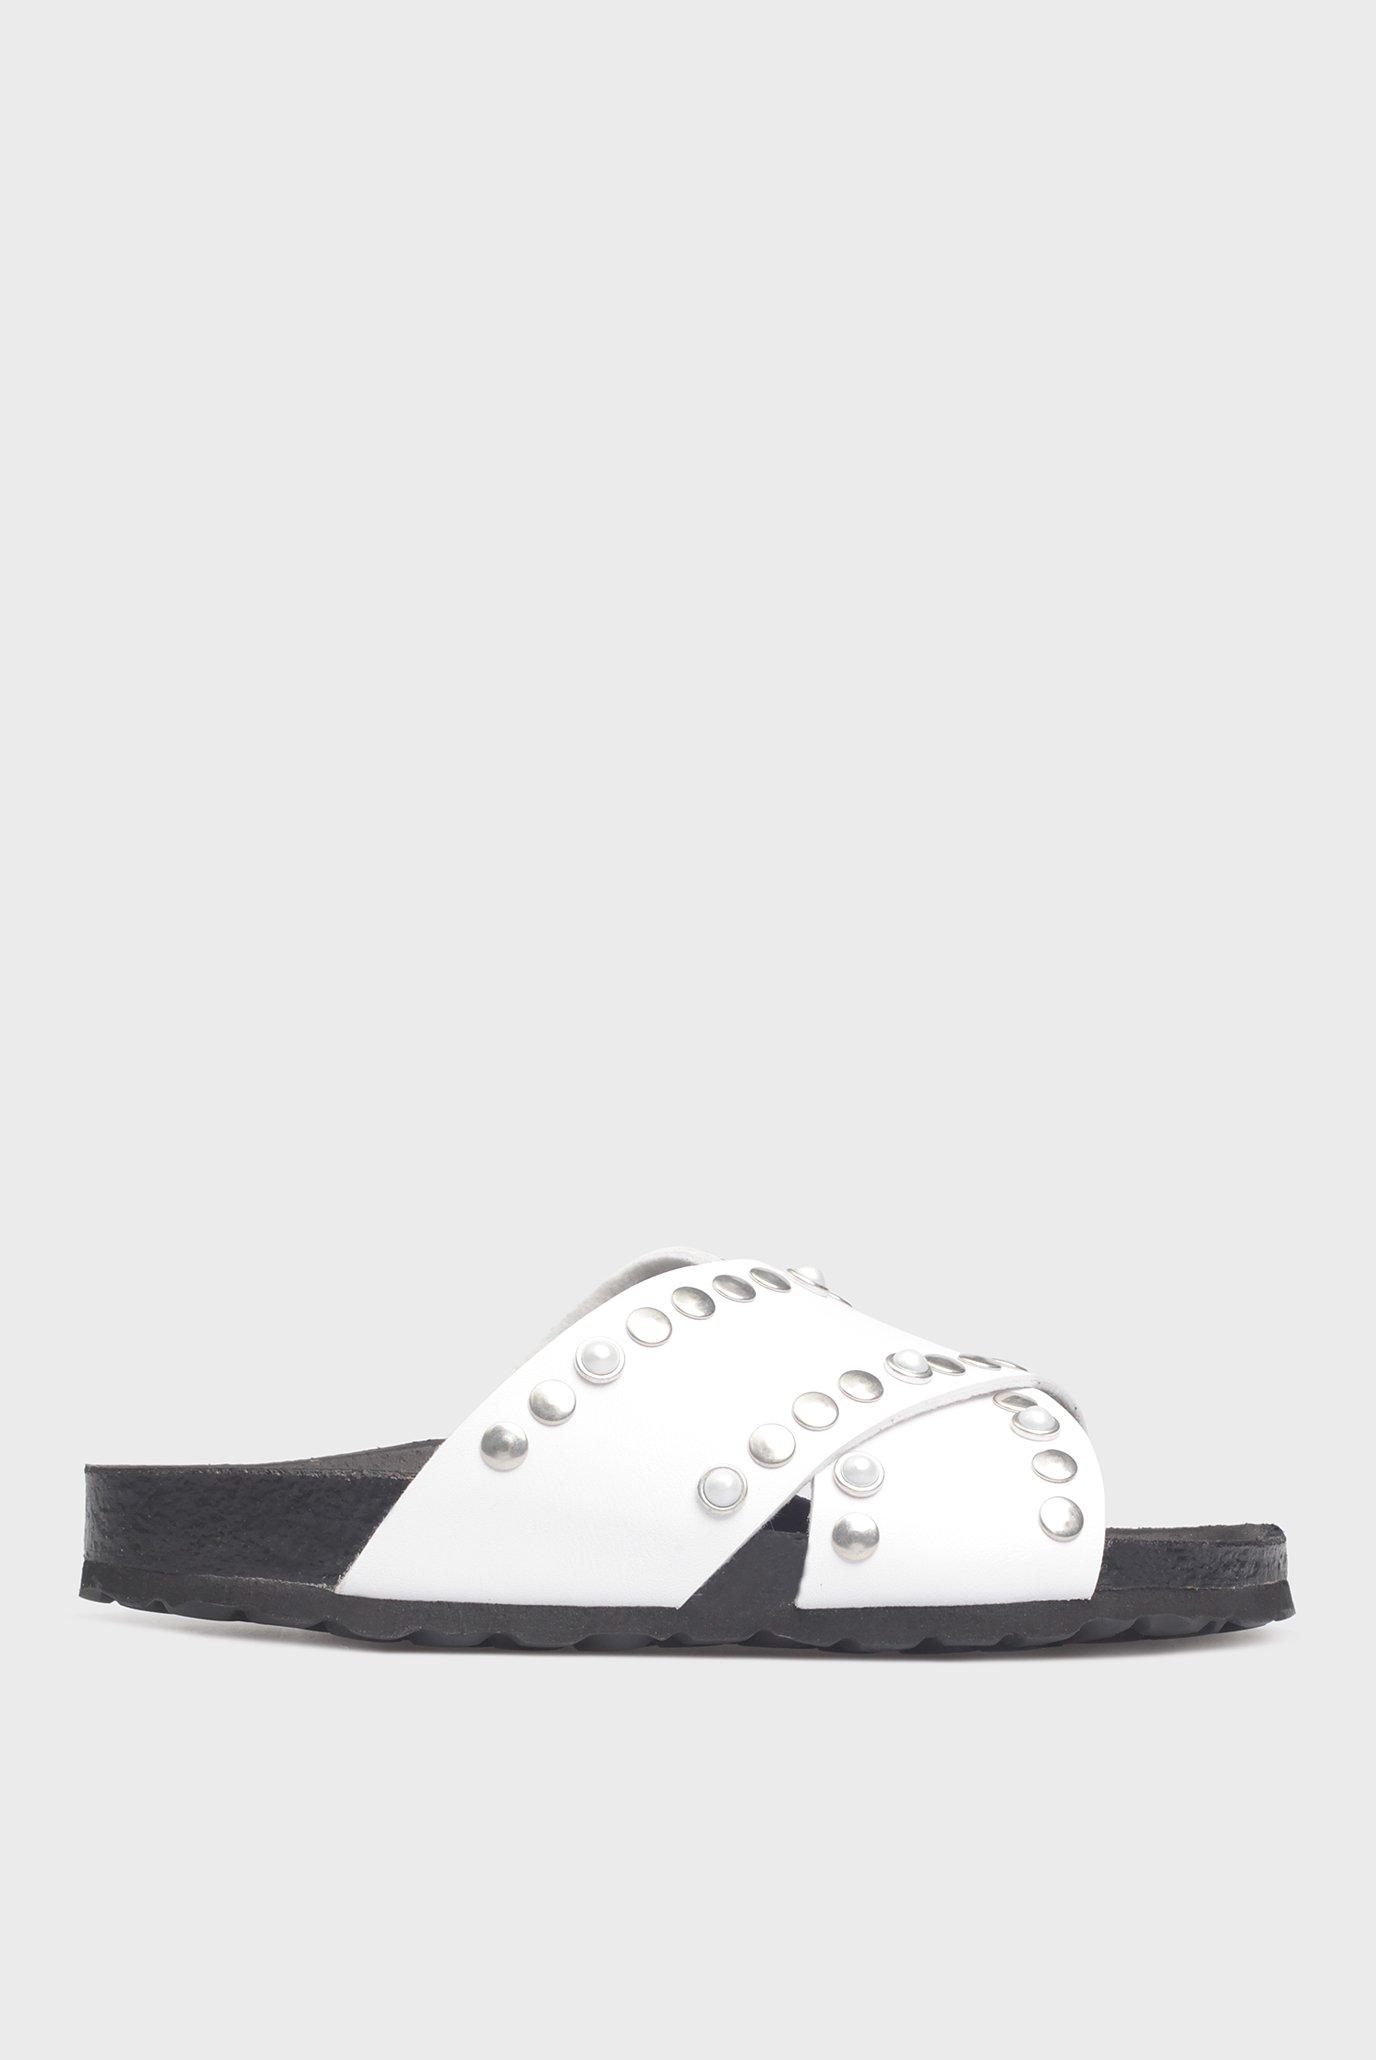 Купить Женские белые слайдеры Preppy Preppy 8.71.9458.2 – Киев, Украина. Цены в интернет магазине MD Fashion